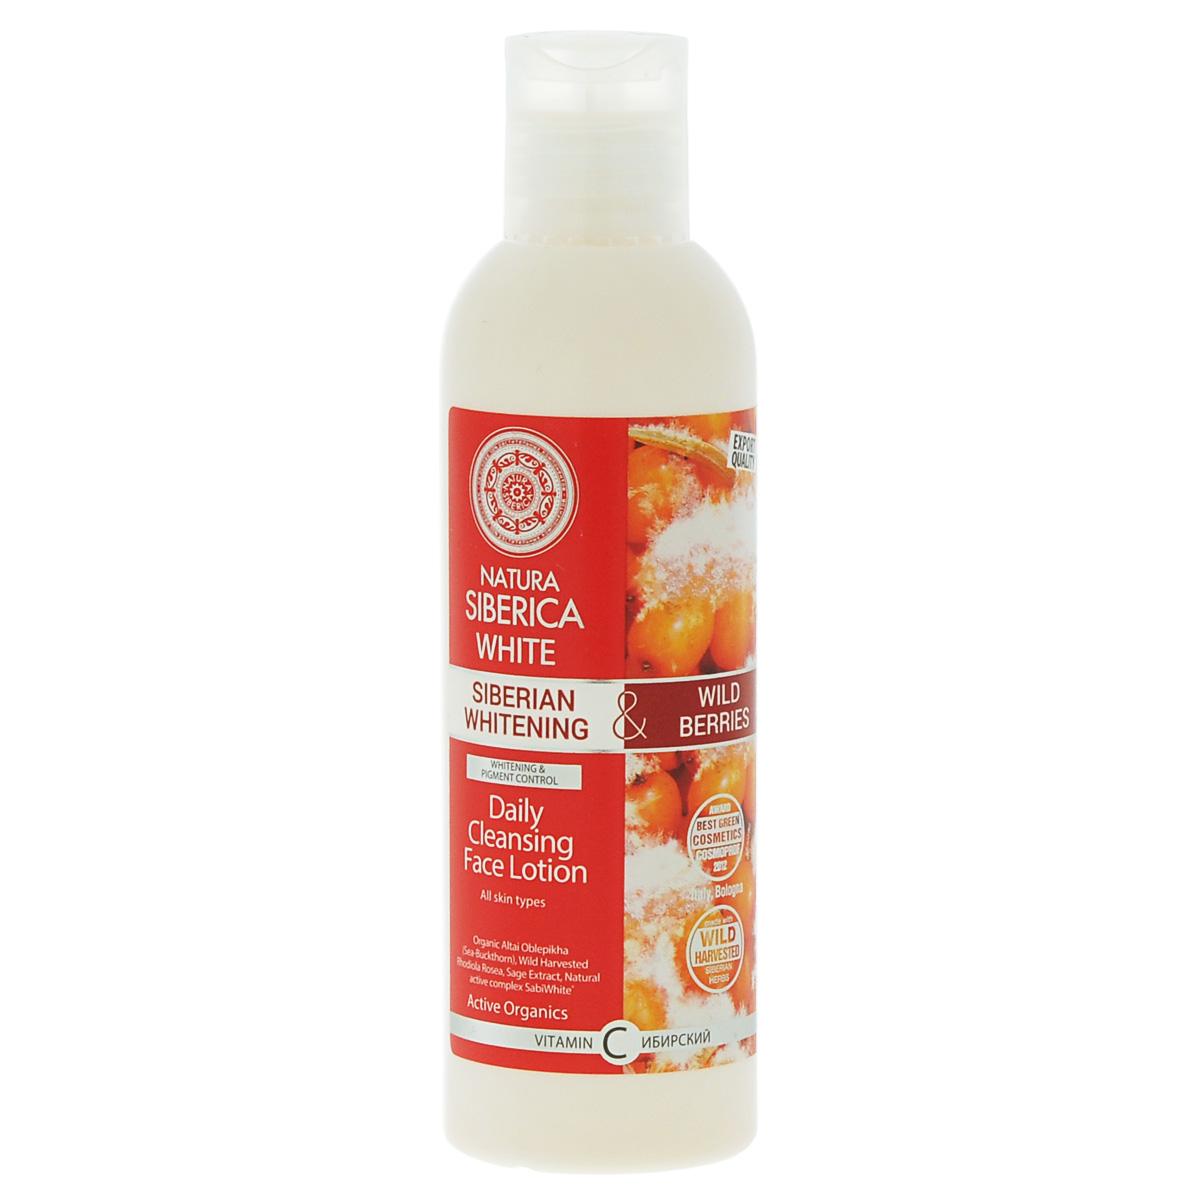 Natura Siberica Отбеливающий лосьон для лица Ежедневное очищение. Облепиха, 200 мл086-7-34370Natura Siberica Отбеливающий лосьон для лица Ежедневное очищение, 200мл Облепиха. Алтайская облепиха – это исключительный источник витаминов, амино-кислот, Омега - 3,6,9 и редкой Омега – 7, которые отвечают за здоровье и красоту кожи. Облепиха увлажняет, смягчает кожу, осветляя возрастные пятна и веснушки, борется с морщинами и прочими несовершенствами кожи. WH Родиола розовая оказывает омолаживающее действие на кожу, стимулирует обменные процессы, усиливает защитные функции кожи и устойчивость к окружающим факторам и насыщает кожу витаминами. Она смягчаяет и выравнивает кожу и способствует ее омоложению. Шалфей снимает раздражение, смягчает кожу и улучшает ее внешний вид. SabiWhite®- запатентованный натуральный активный экстракт из корня куркумы, обладающий подтвержденными осветляющими свойствами: •Визуально осветляет гиперпигментацию; •Осветляет/убирает веснушки, акне и прочие несовершенства кожи; •Заметно осветляет тон кожи; •Значительно улучшает эластичность кожи; •Глубоко...